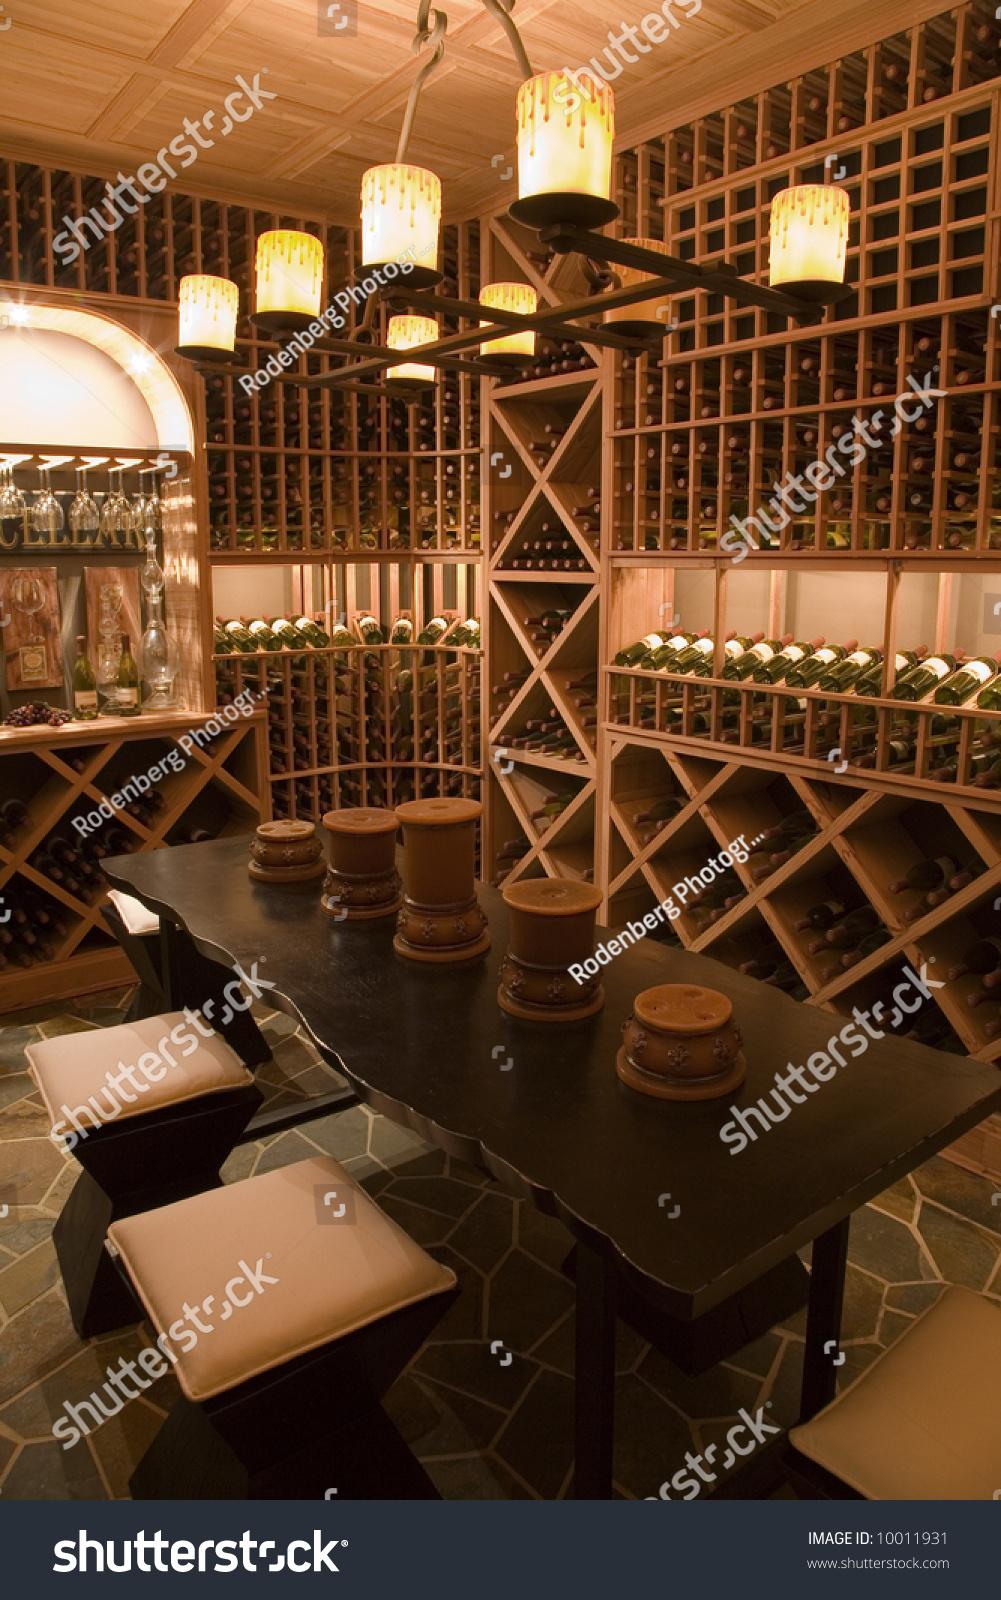 Luxury home wine cellar stock photo 10011931 shutterstock for Luxury home wine cellars